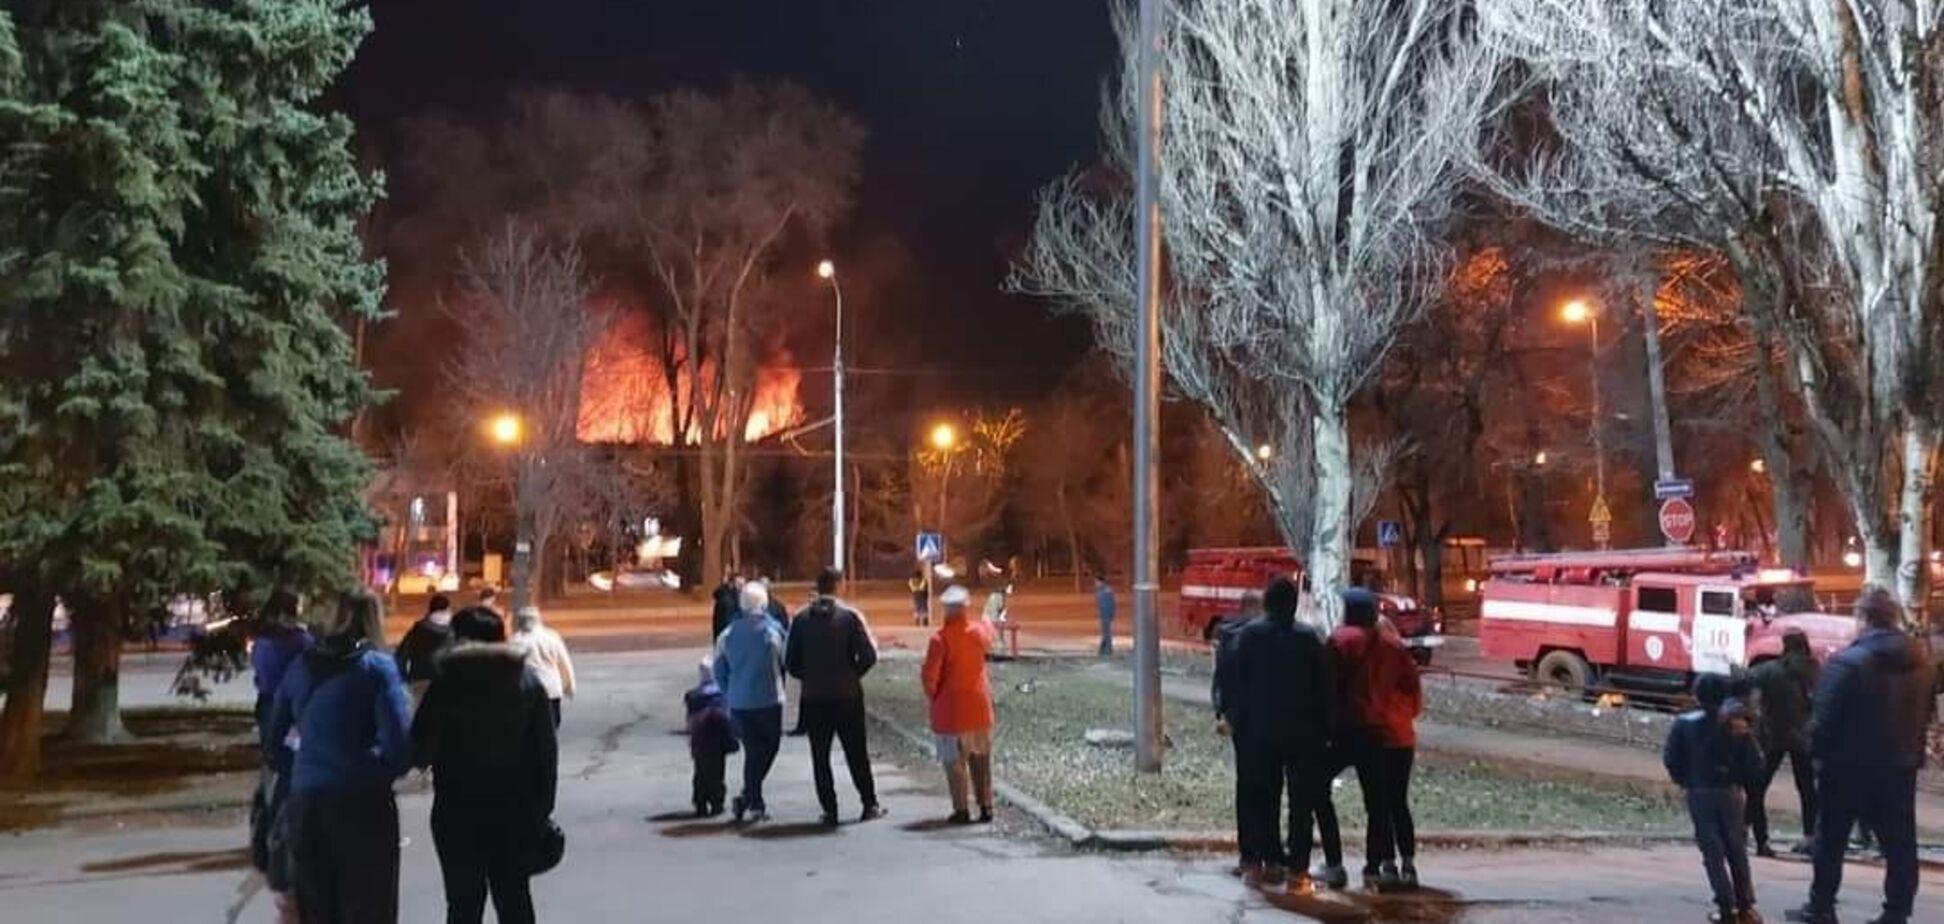 У Донецьку спалахнула пожежа і пролунали 'вибухи': в мережі написали про НП на військовій базі